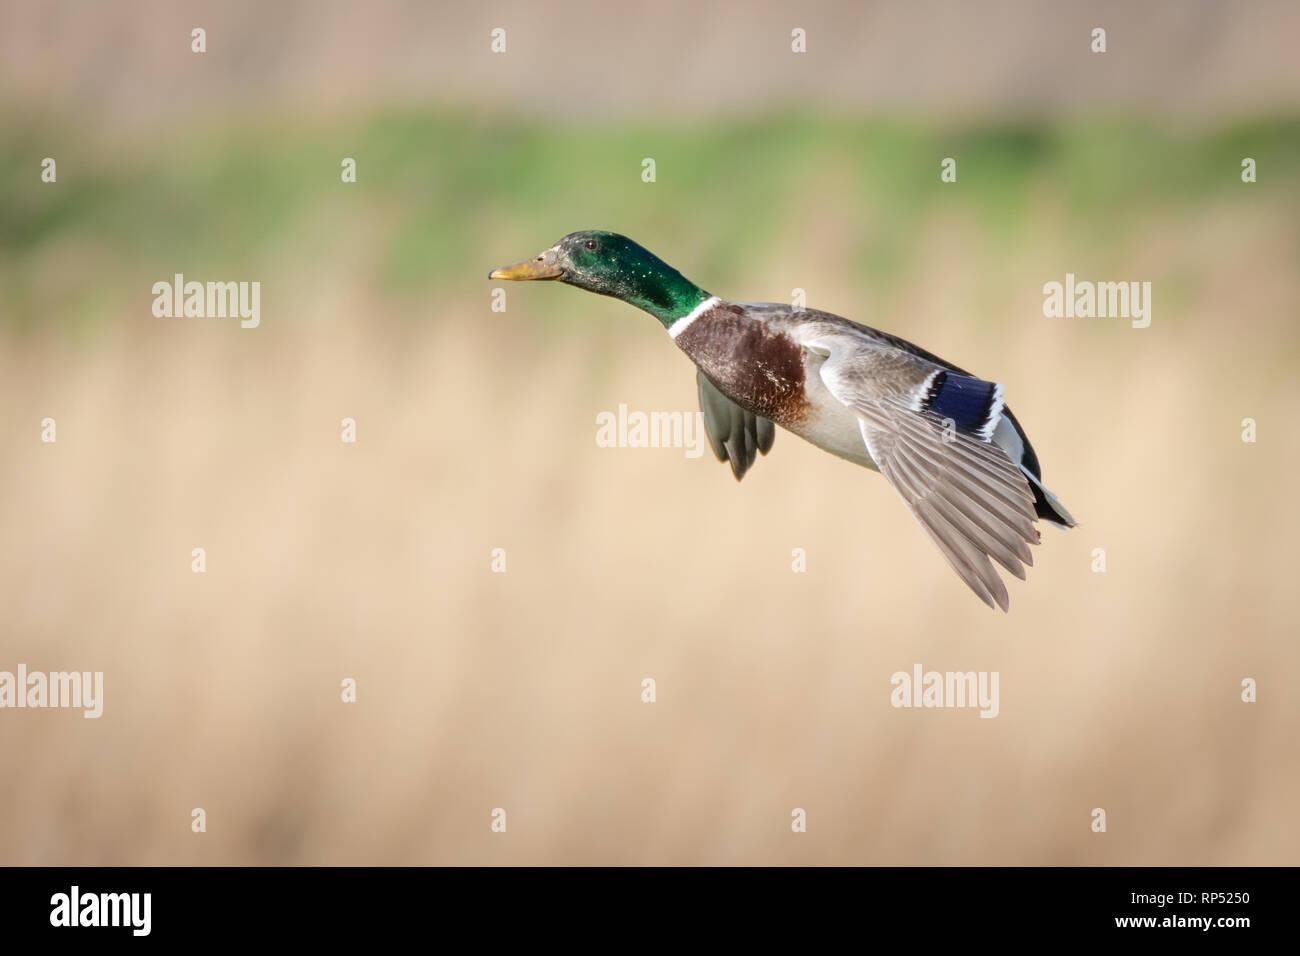 Male Mallard duck in flight - Stock Image